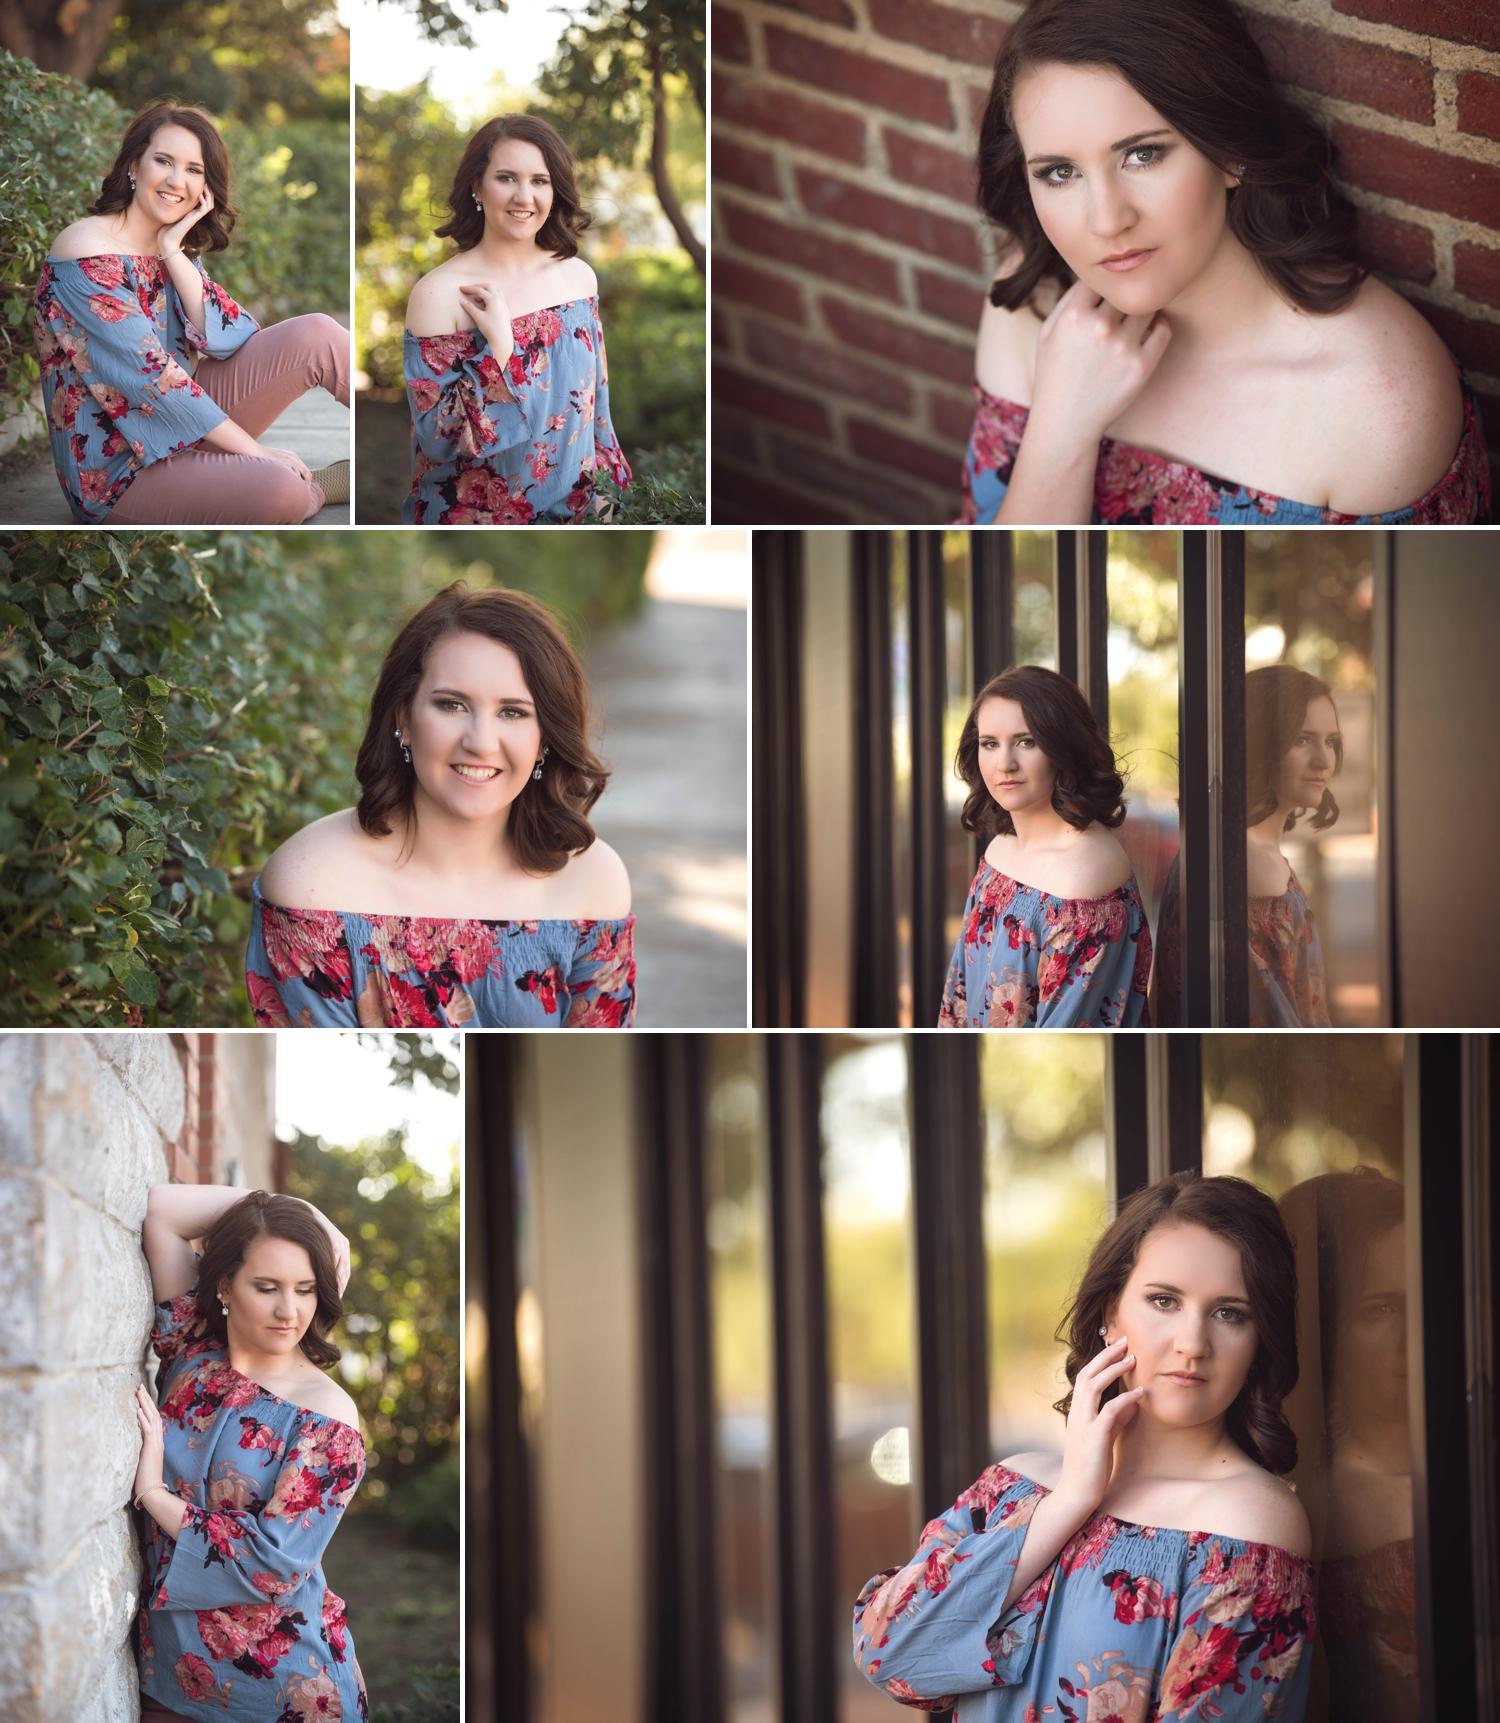 holcomb kansas senior photography 1.jpg